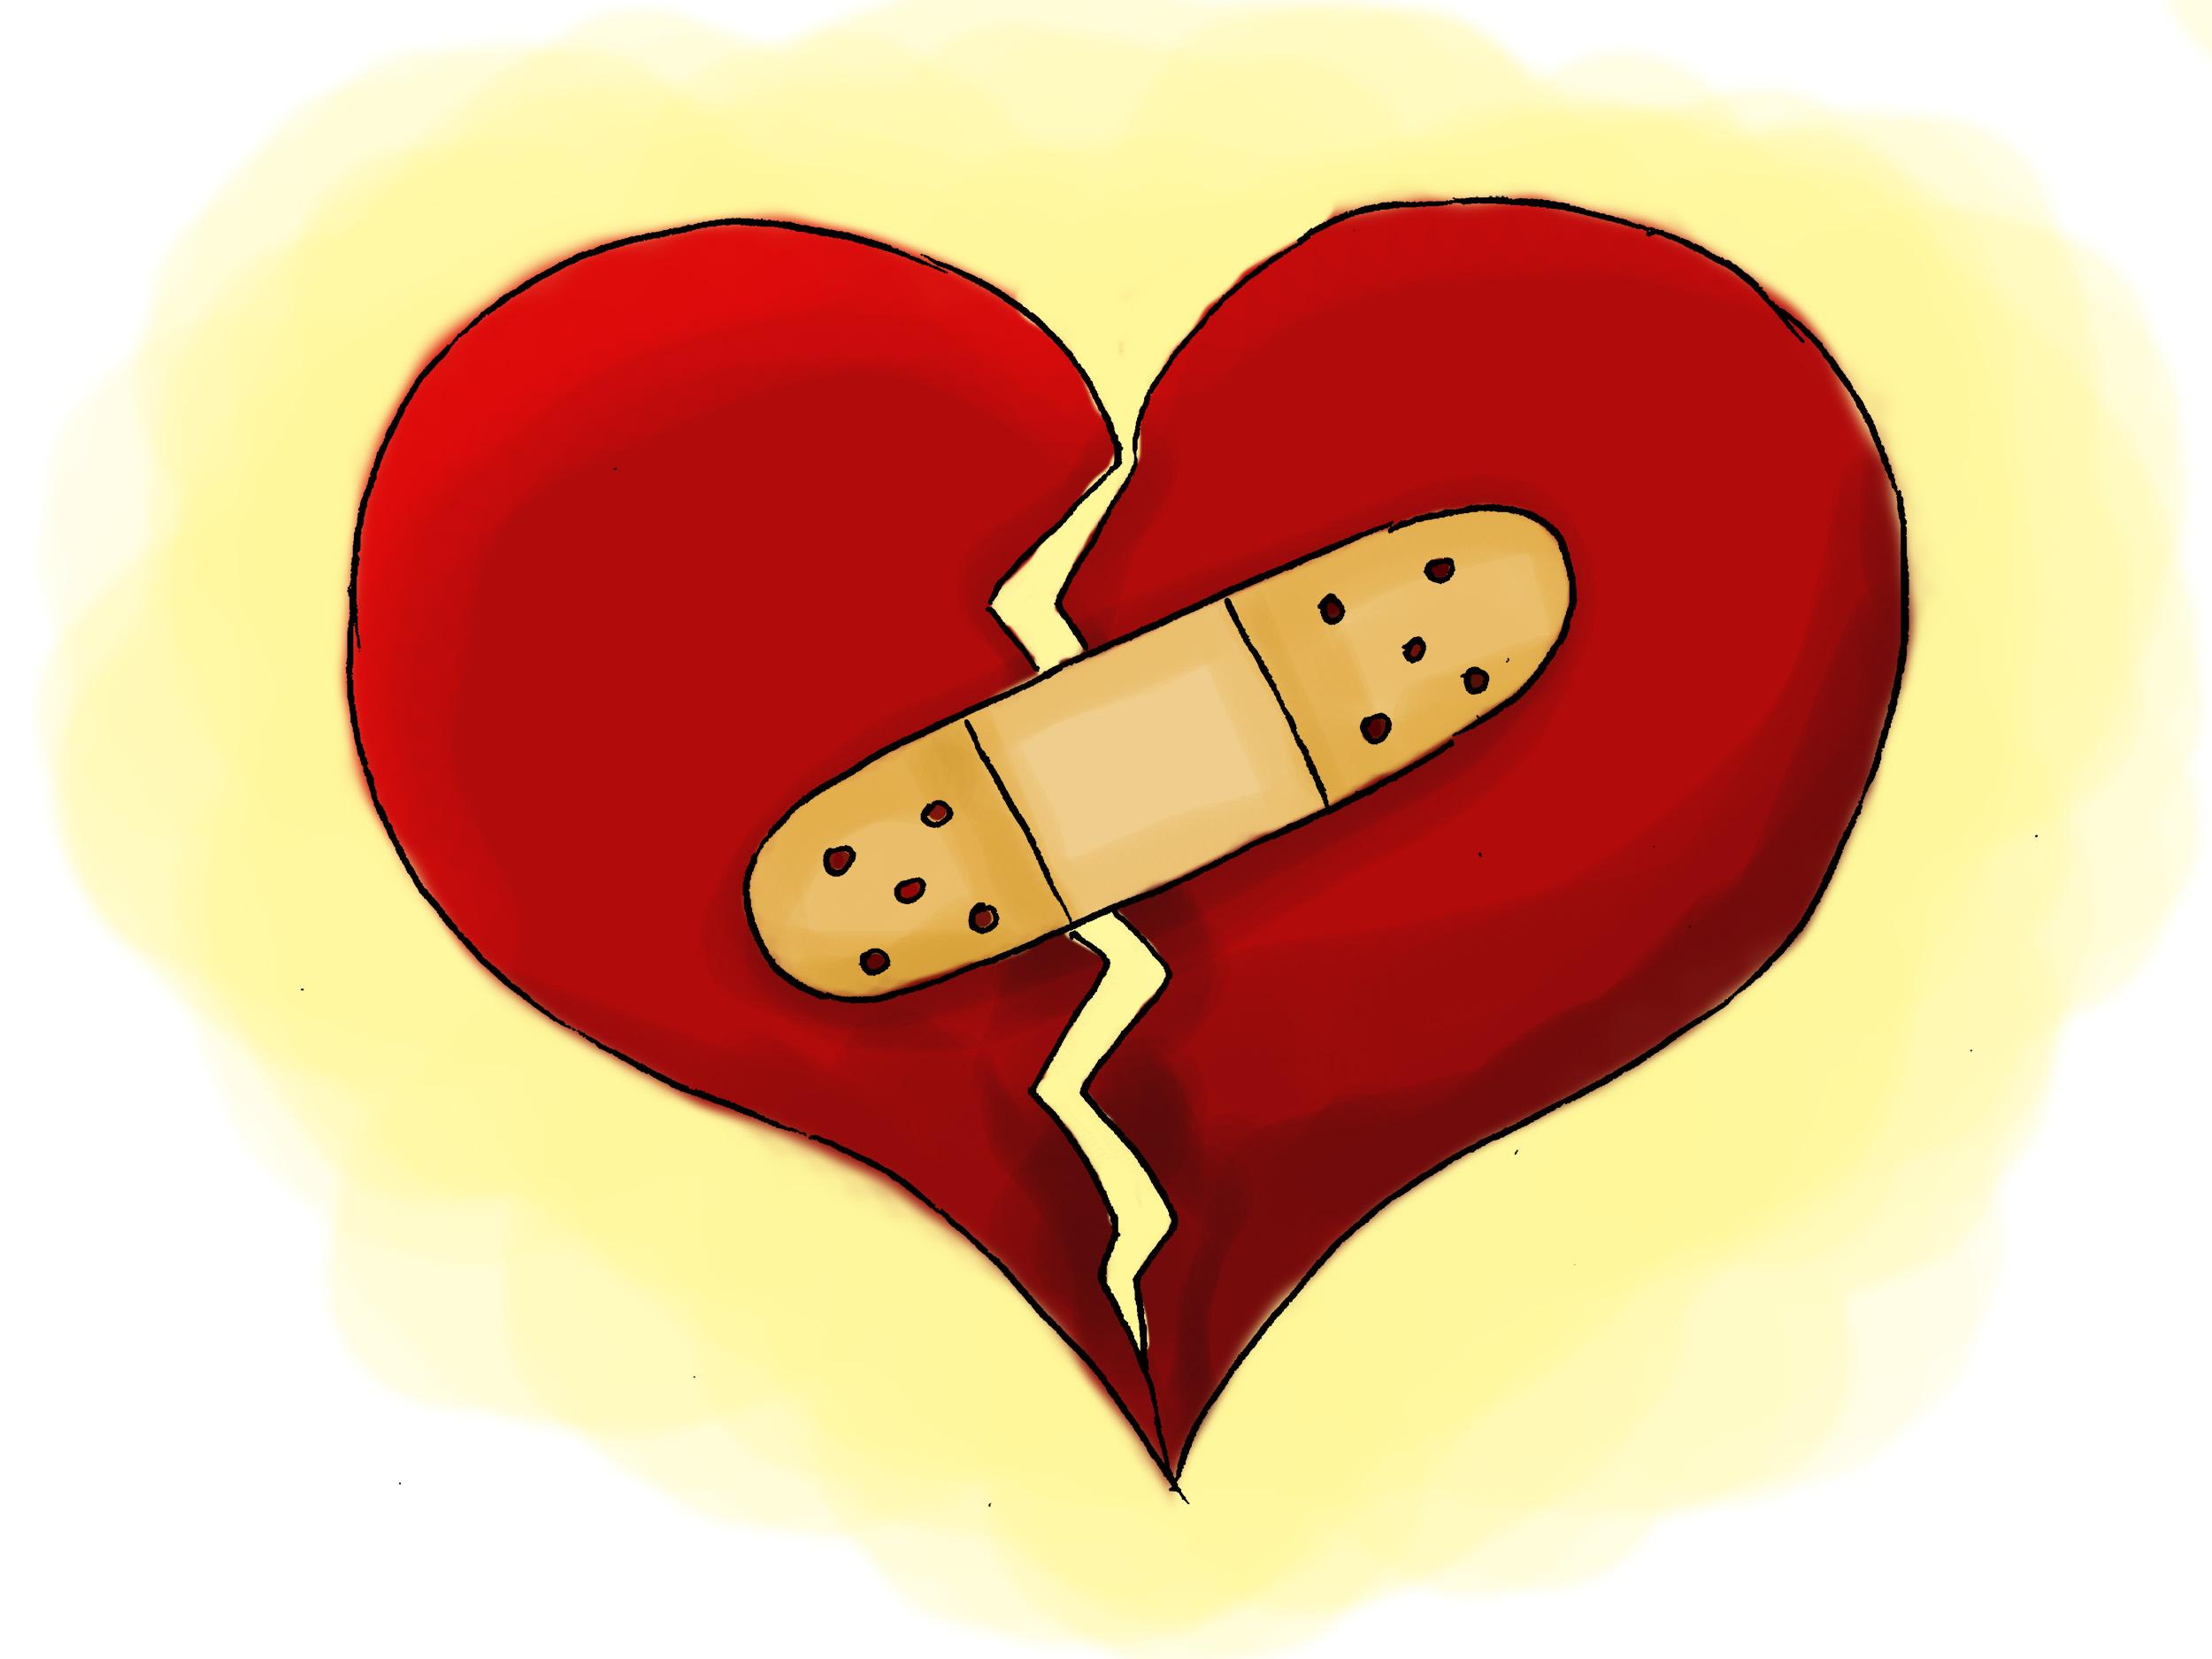 Heartbreak 1; Love 0